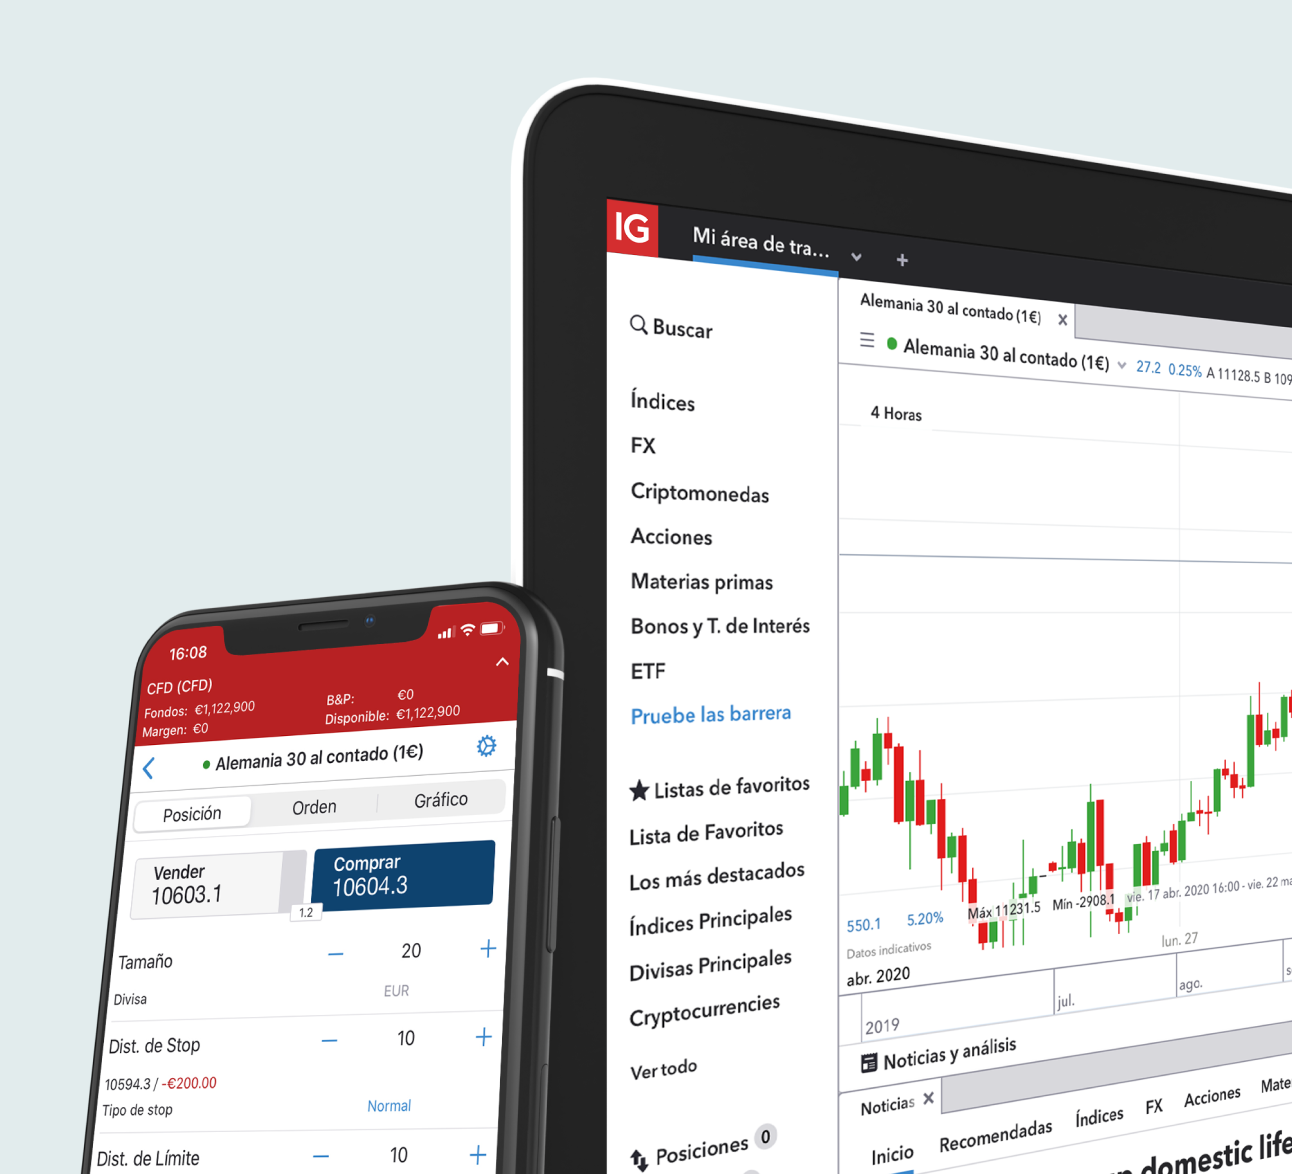 La nostra opinione su IG Markets, leader nel mercato Forex